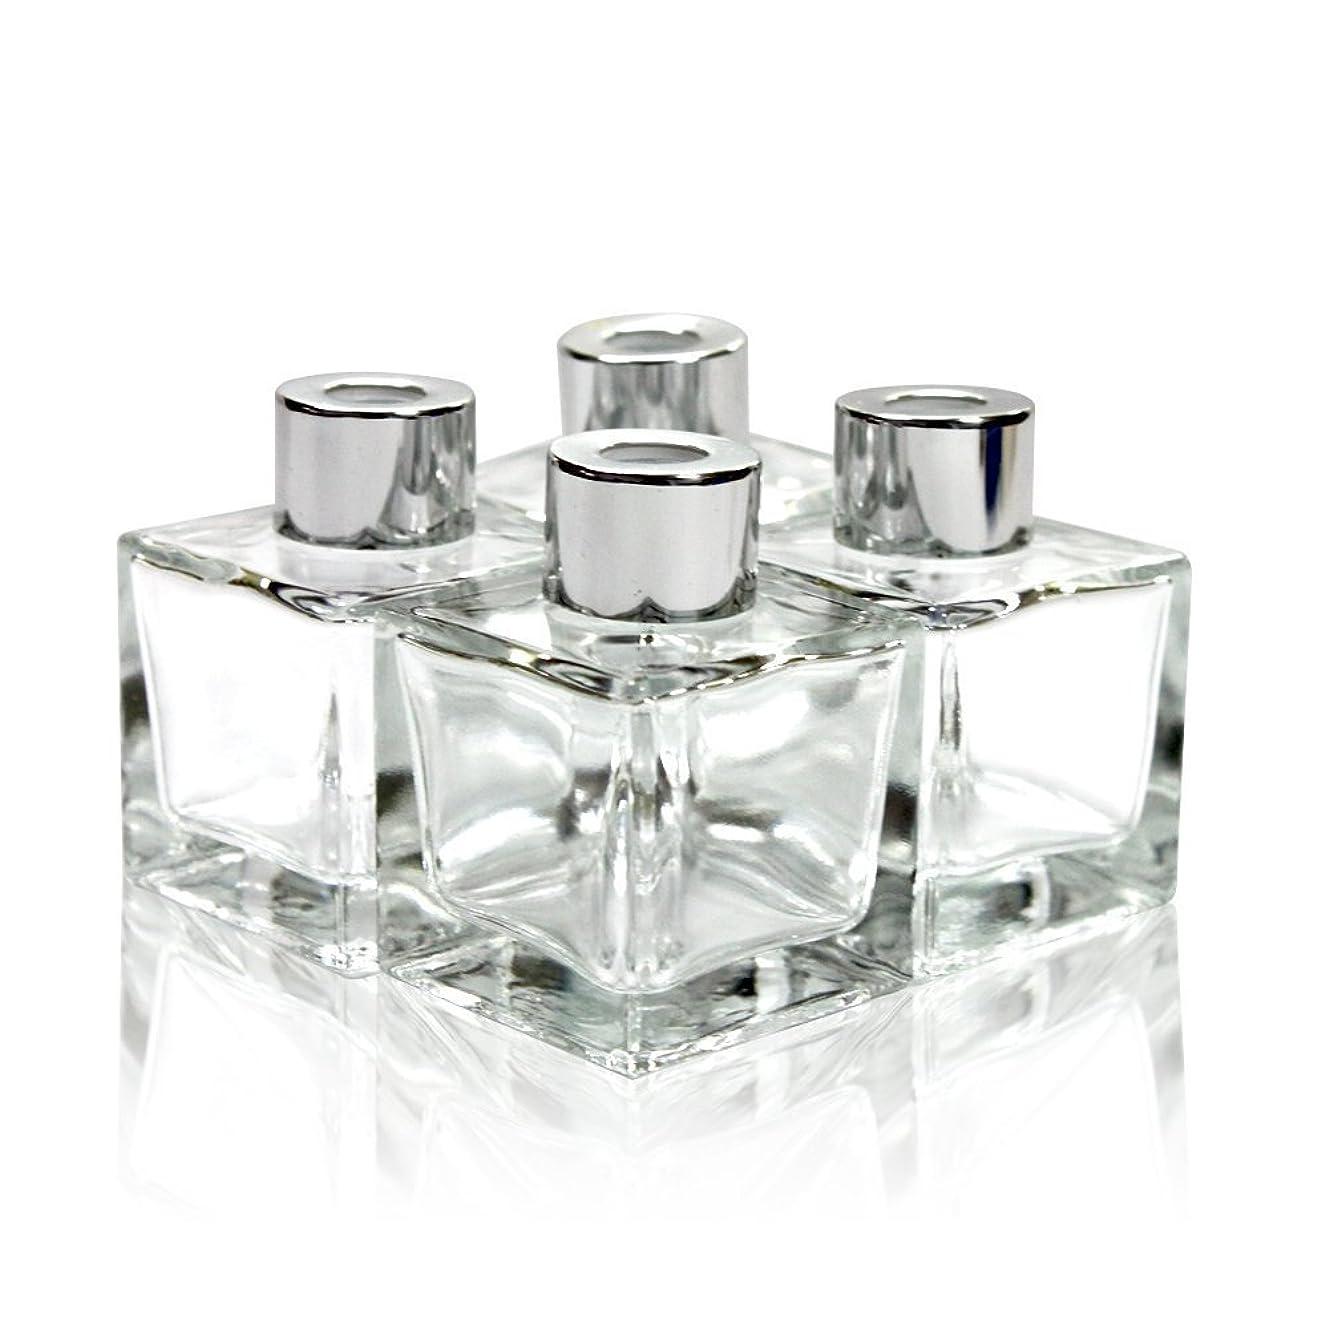 言う地球スキニーFeel Fragrance リードディフューザー用 リードディフューザーボトル 容器 透明 蓋付き 4本セット50ML方形 (GB-50)